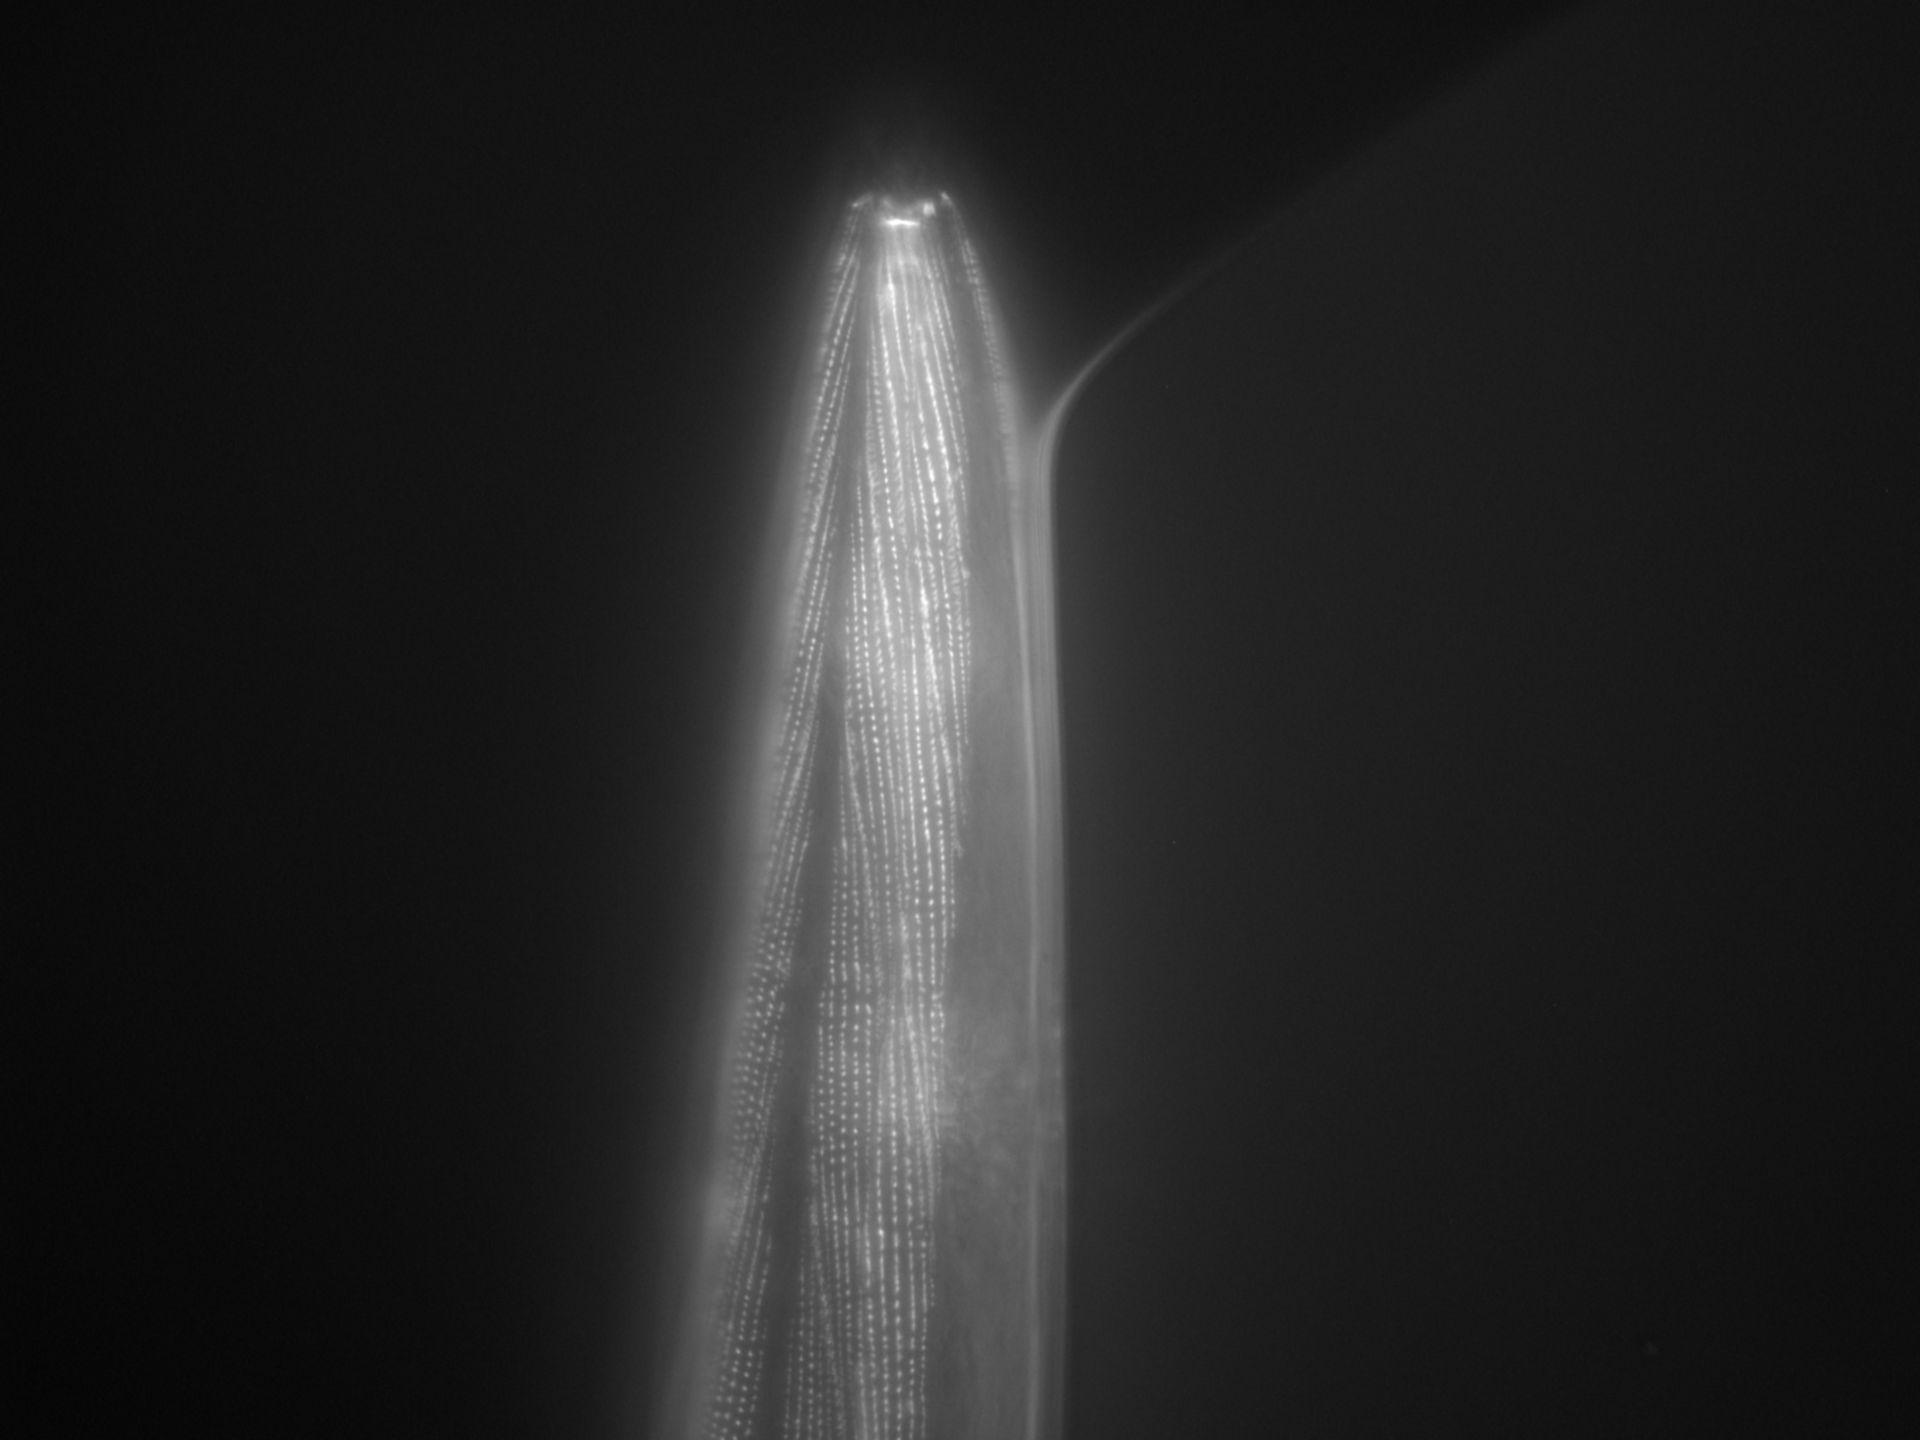 Caenorhabditis elegans (Actin filament) - CIL:1029